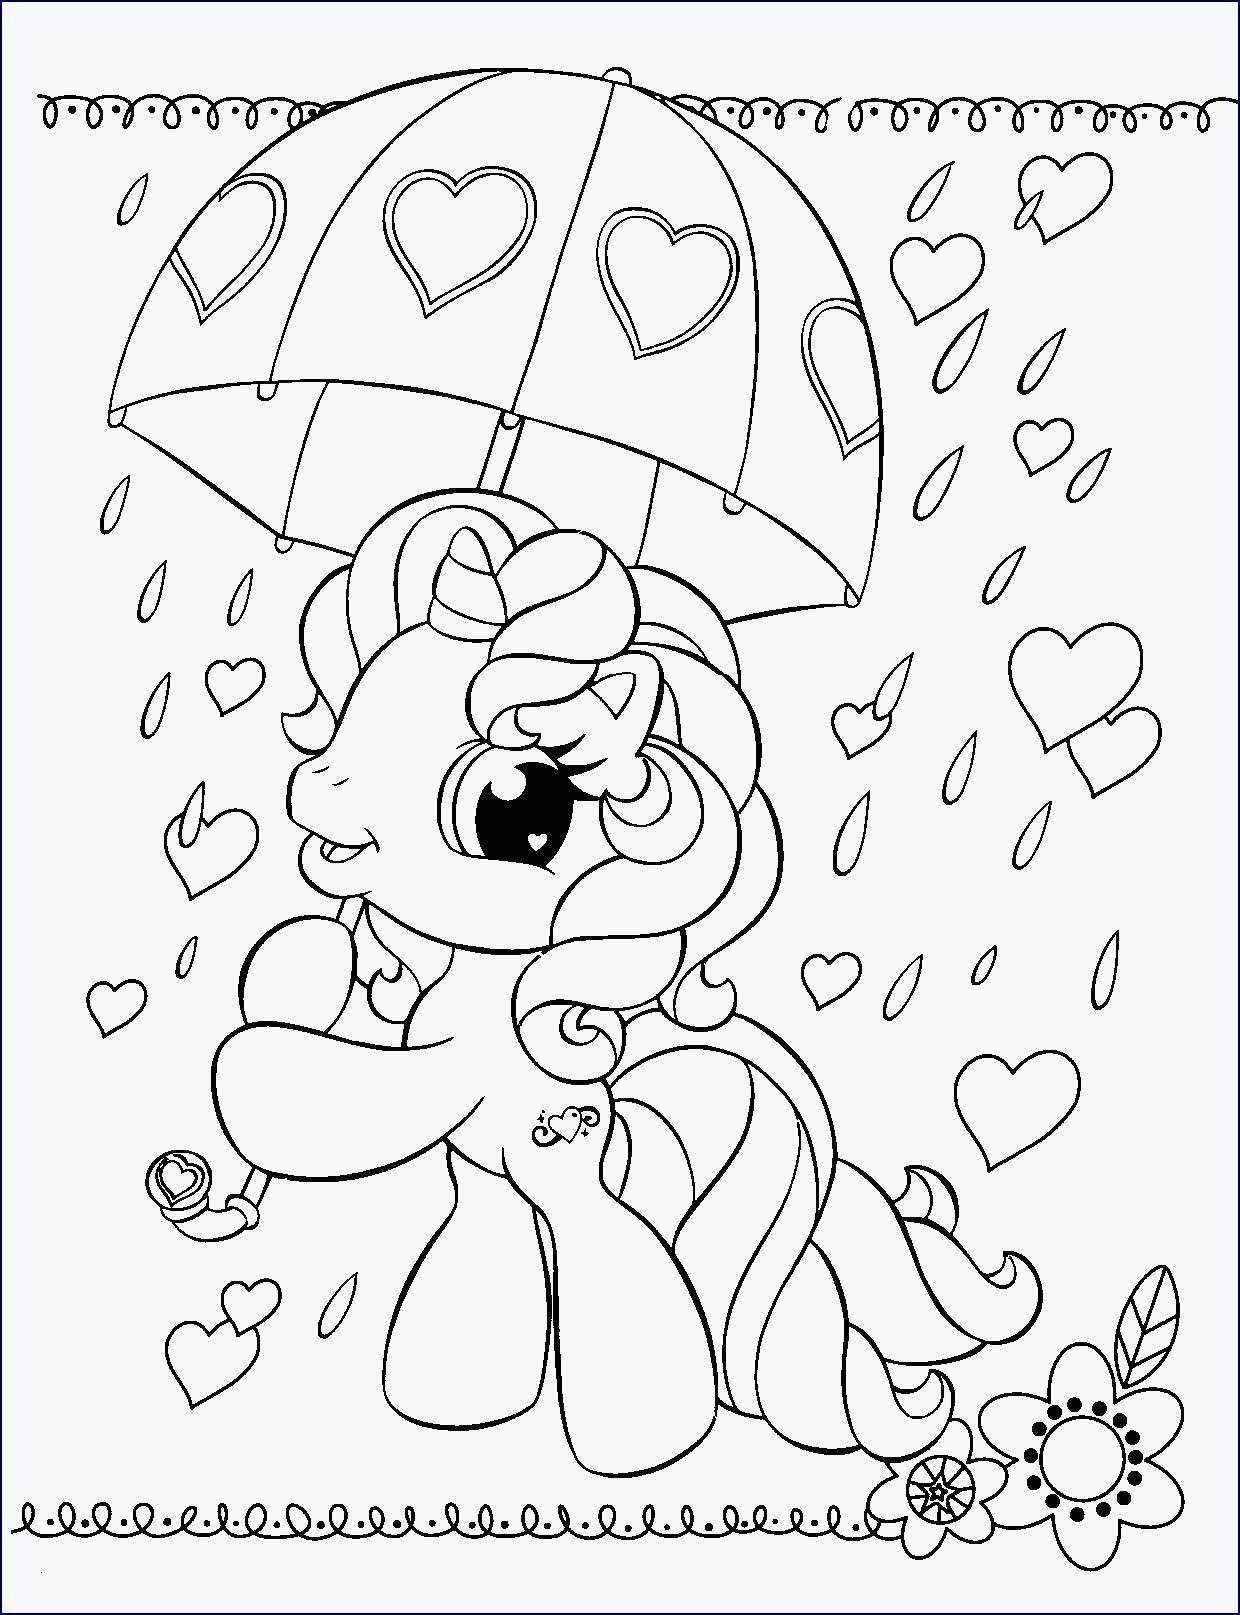 Ausmalbild My Little Pony Inspirierend Buchstaben P Malvorlagen Gut Aussehende Ausmalbilder My Little Pony Sammlung